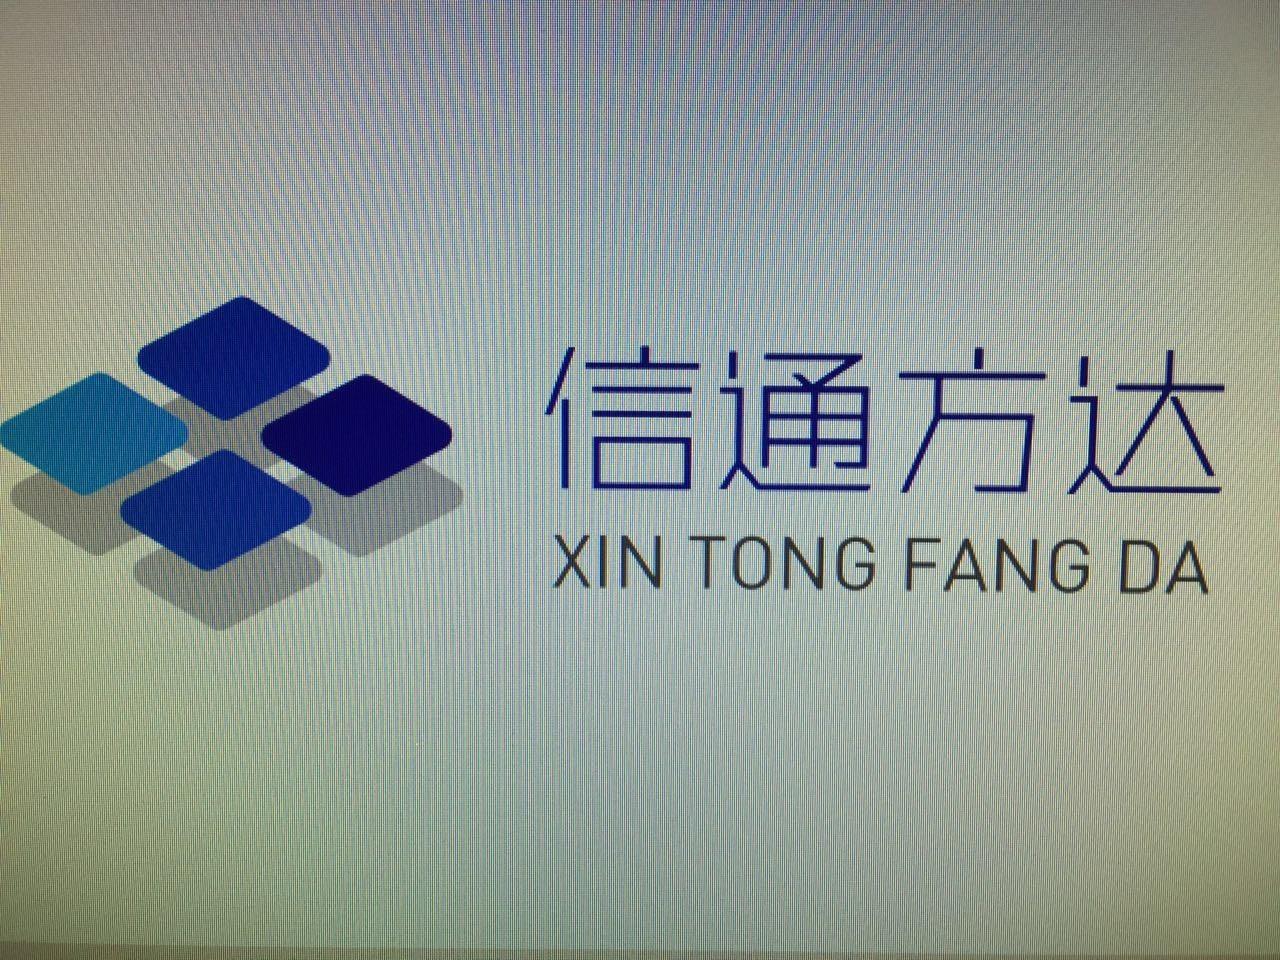 北京信通方达科技有限公司